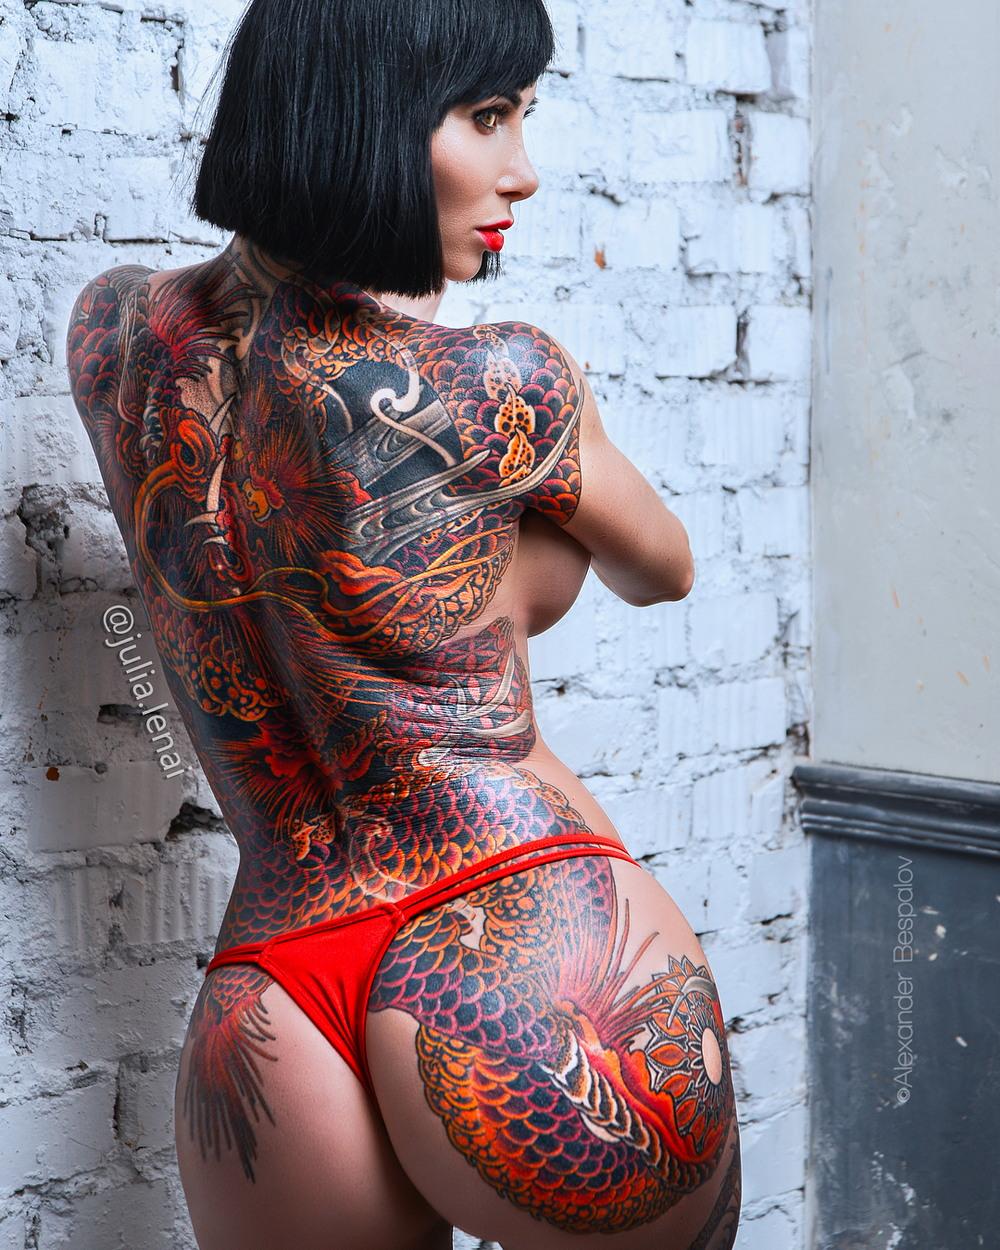 классные татушки на женском теле фото лакокрасочных